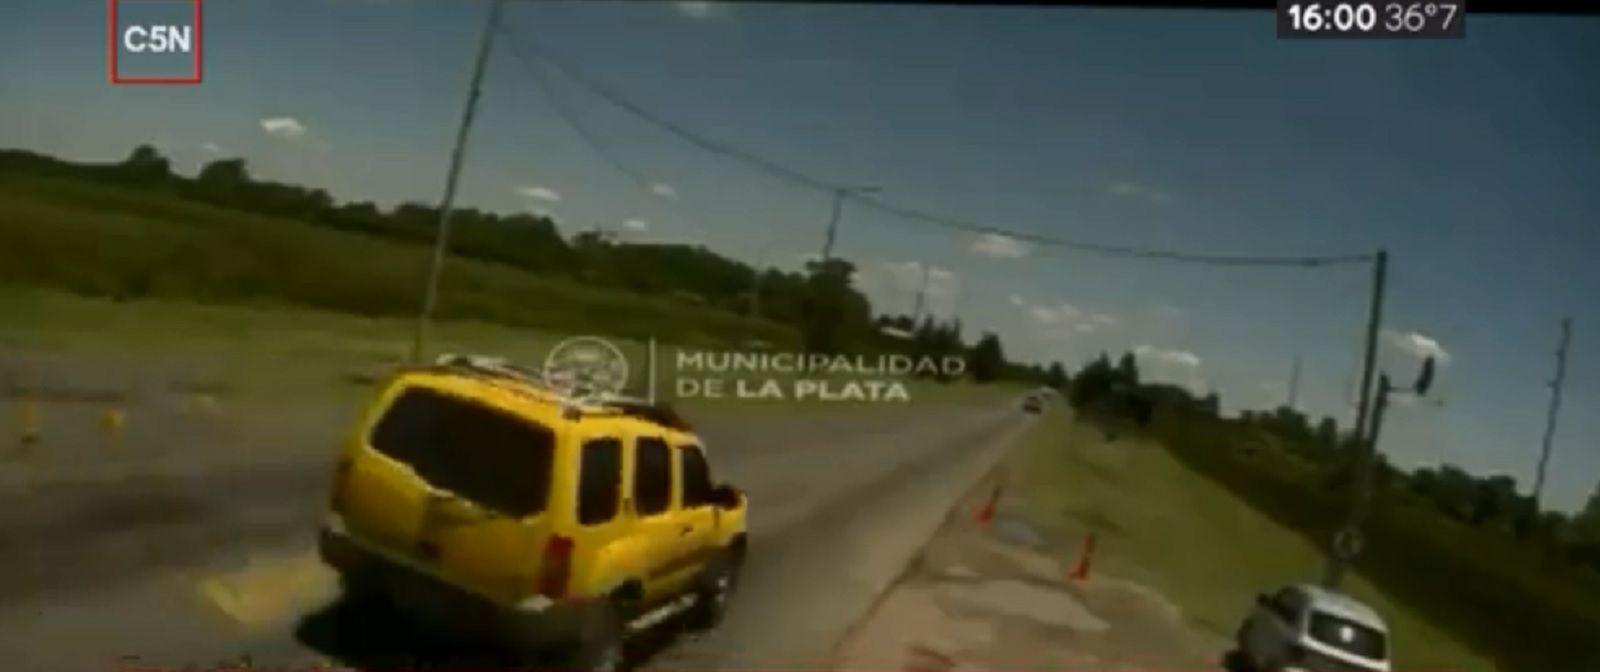 El novio de Gissella Solís estuvo en la zona donde hallaron el cuerpo el mismo día de la desaparición